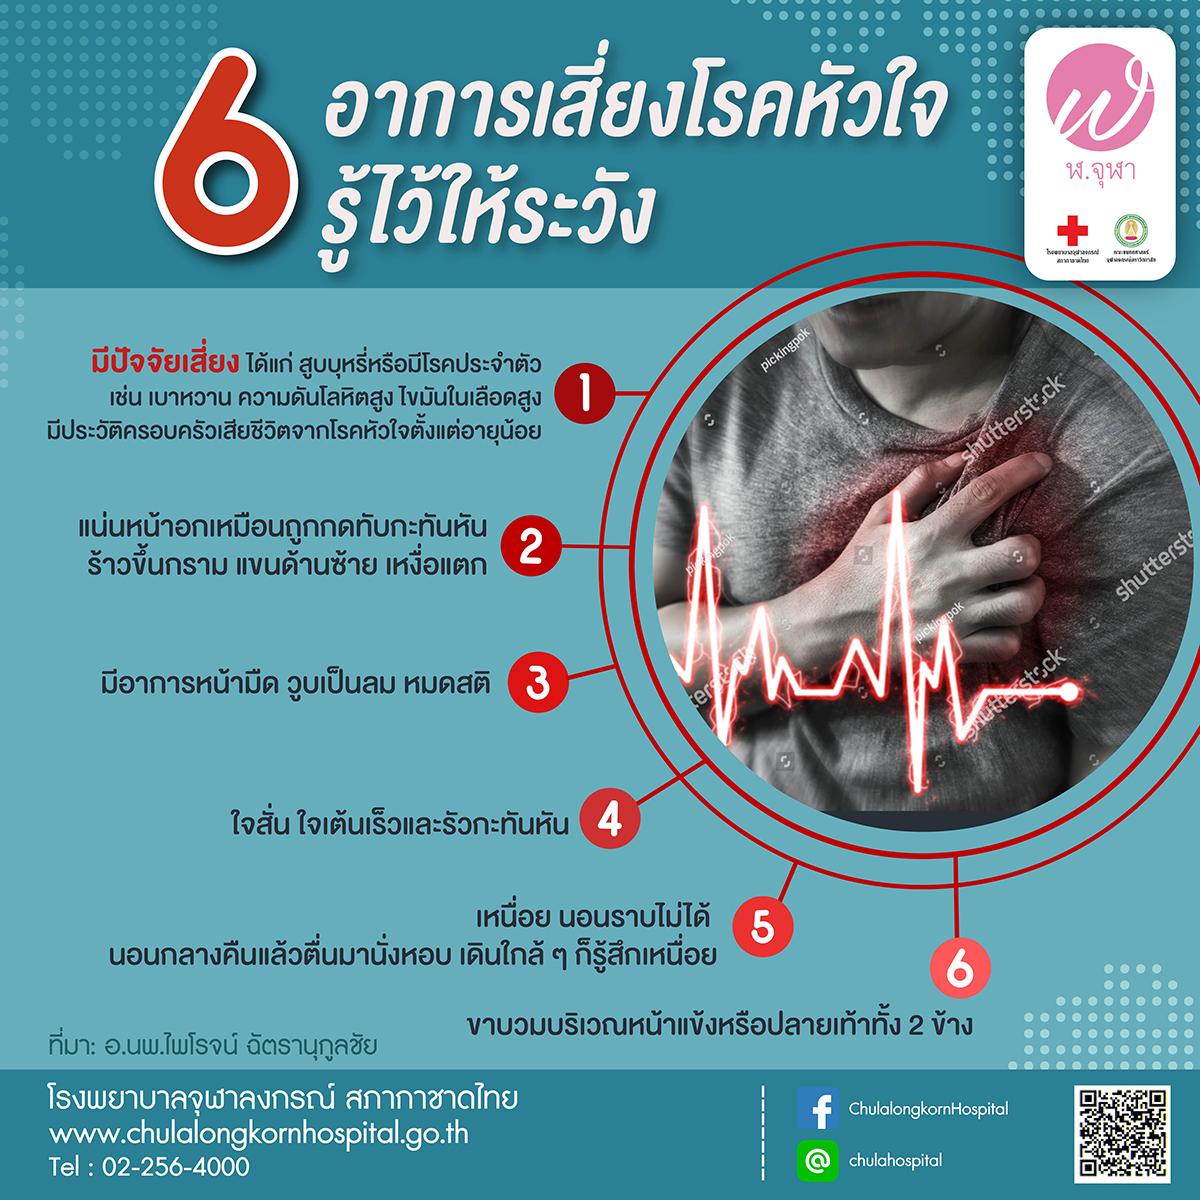 6 อาการเสี่ยงหัวใจ รู้ไว้ให้ระวัง